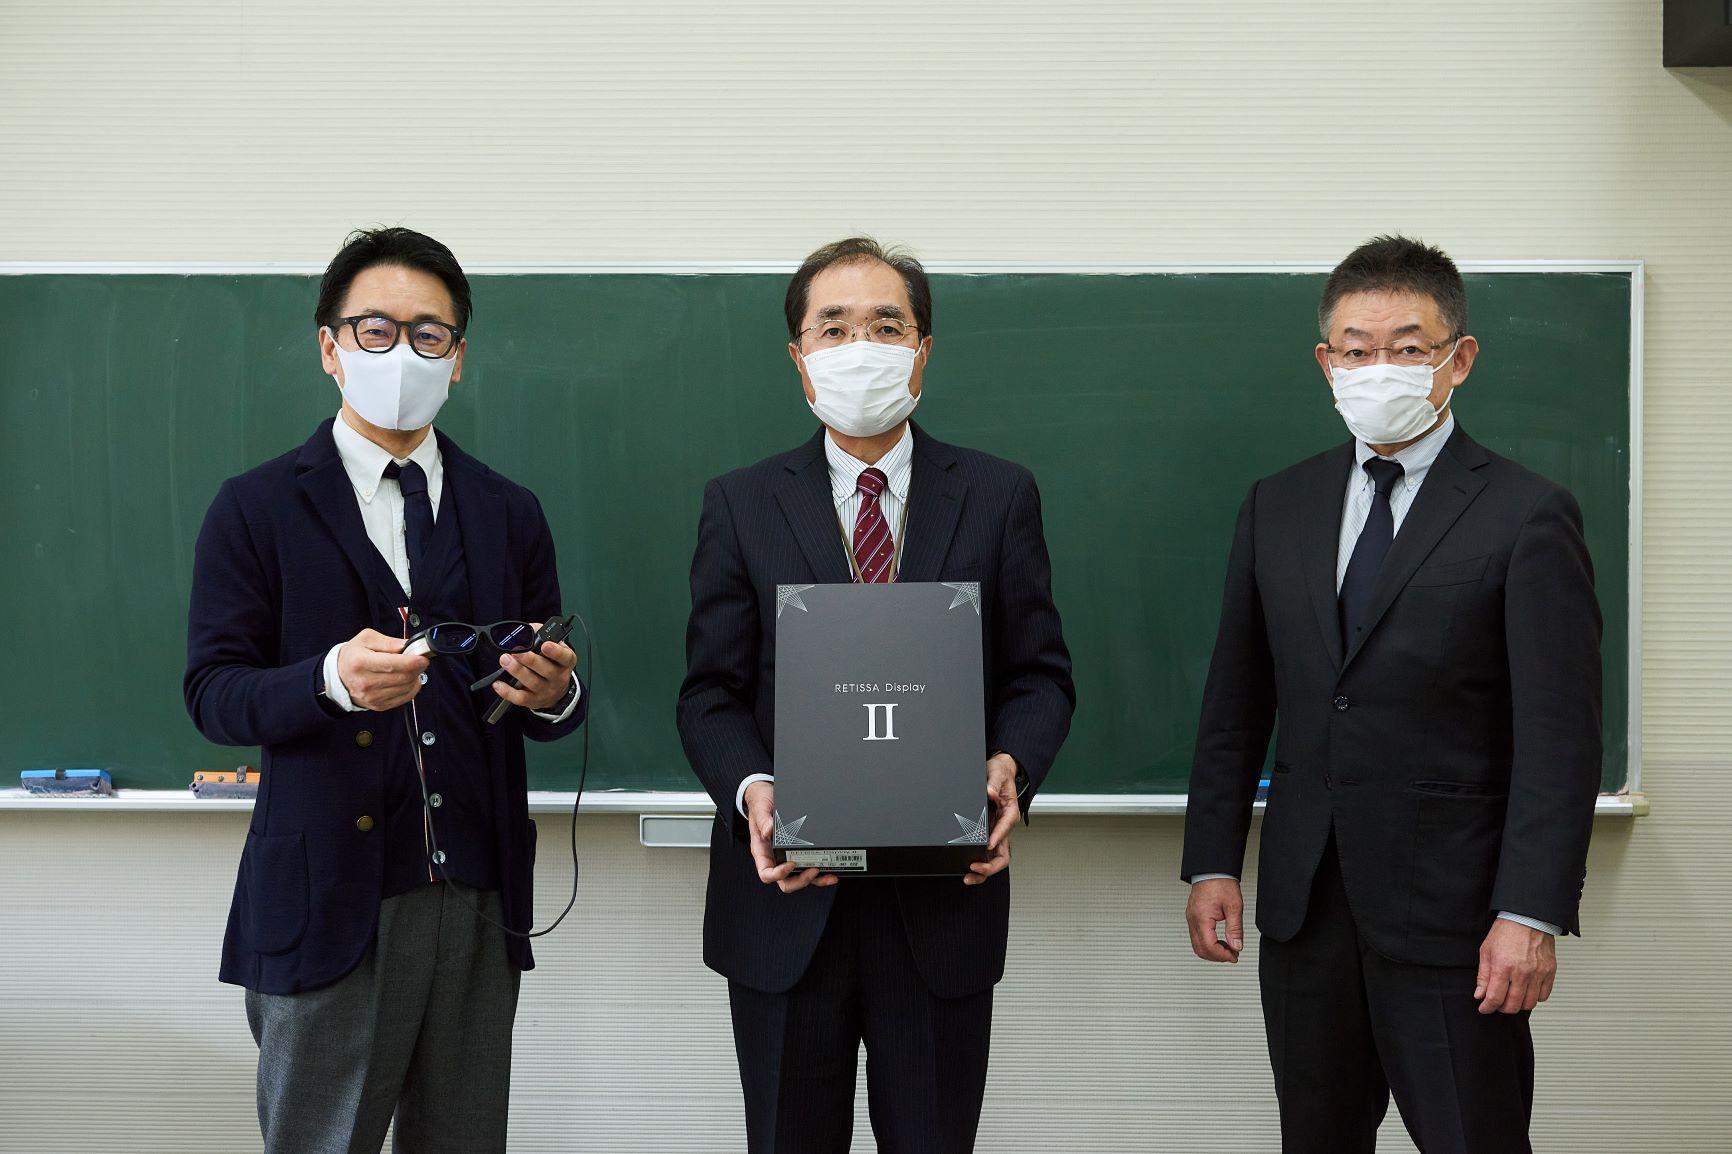 ロービジョン向け網膜直接投影型アイウェアを横浜市立盲特別支援学校に寄贈